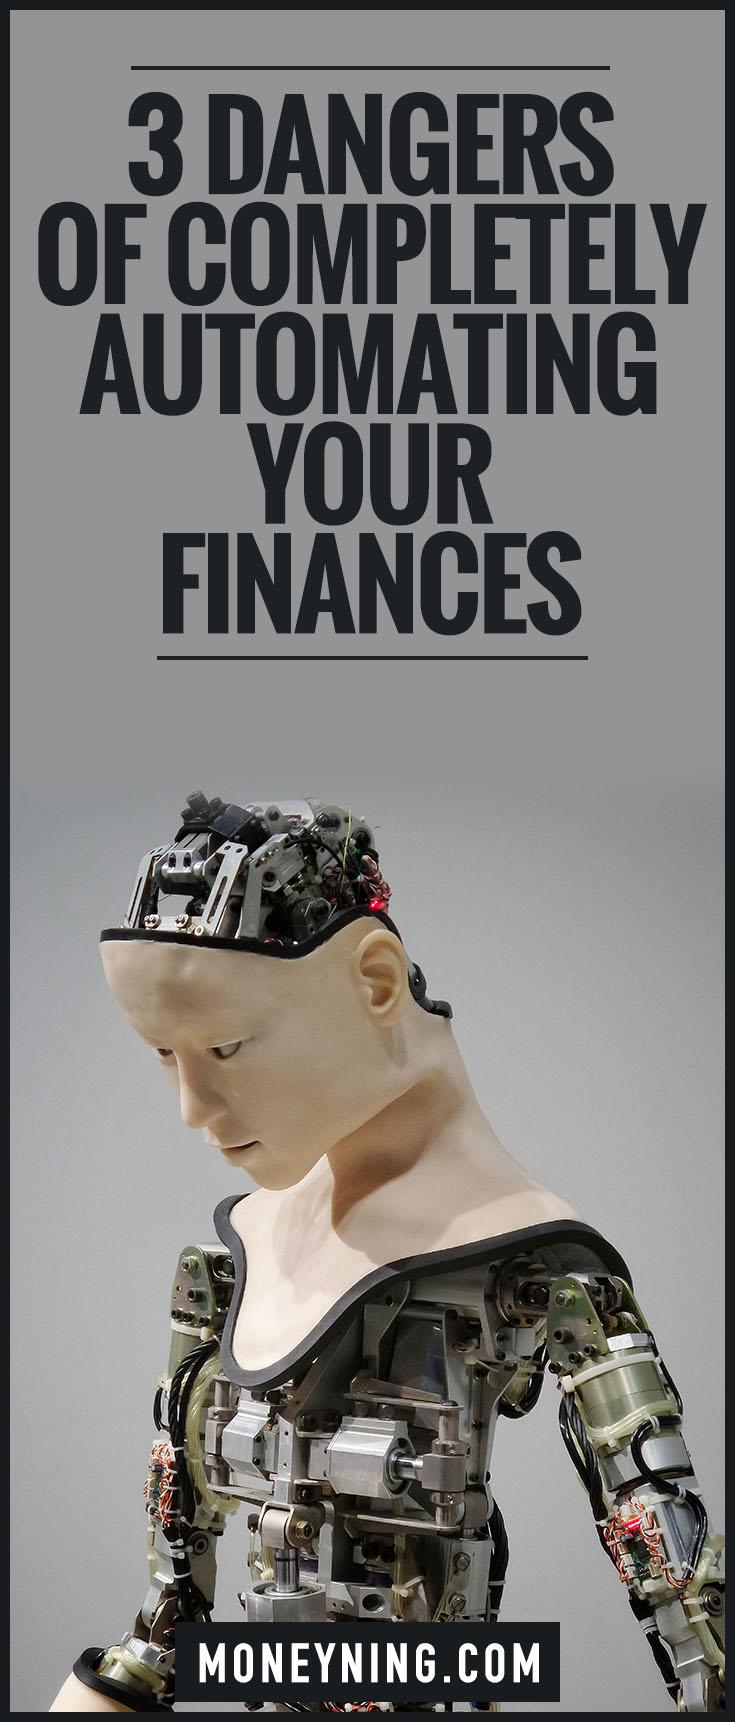 automating finances danger